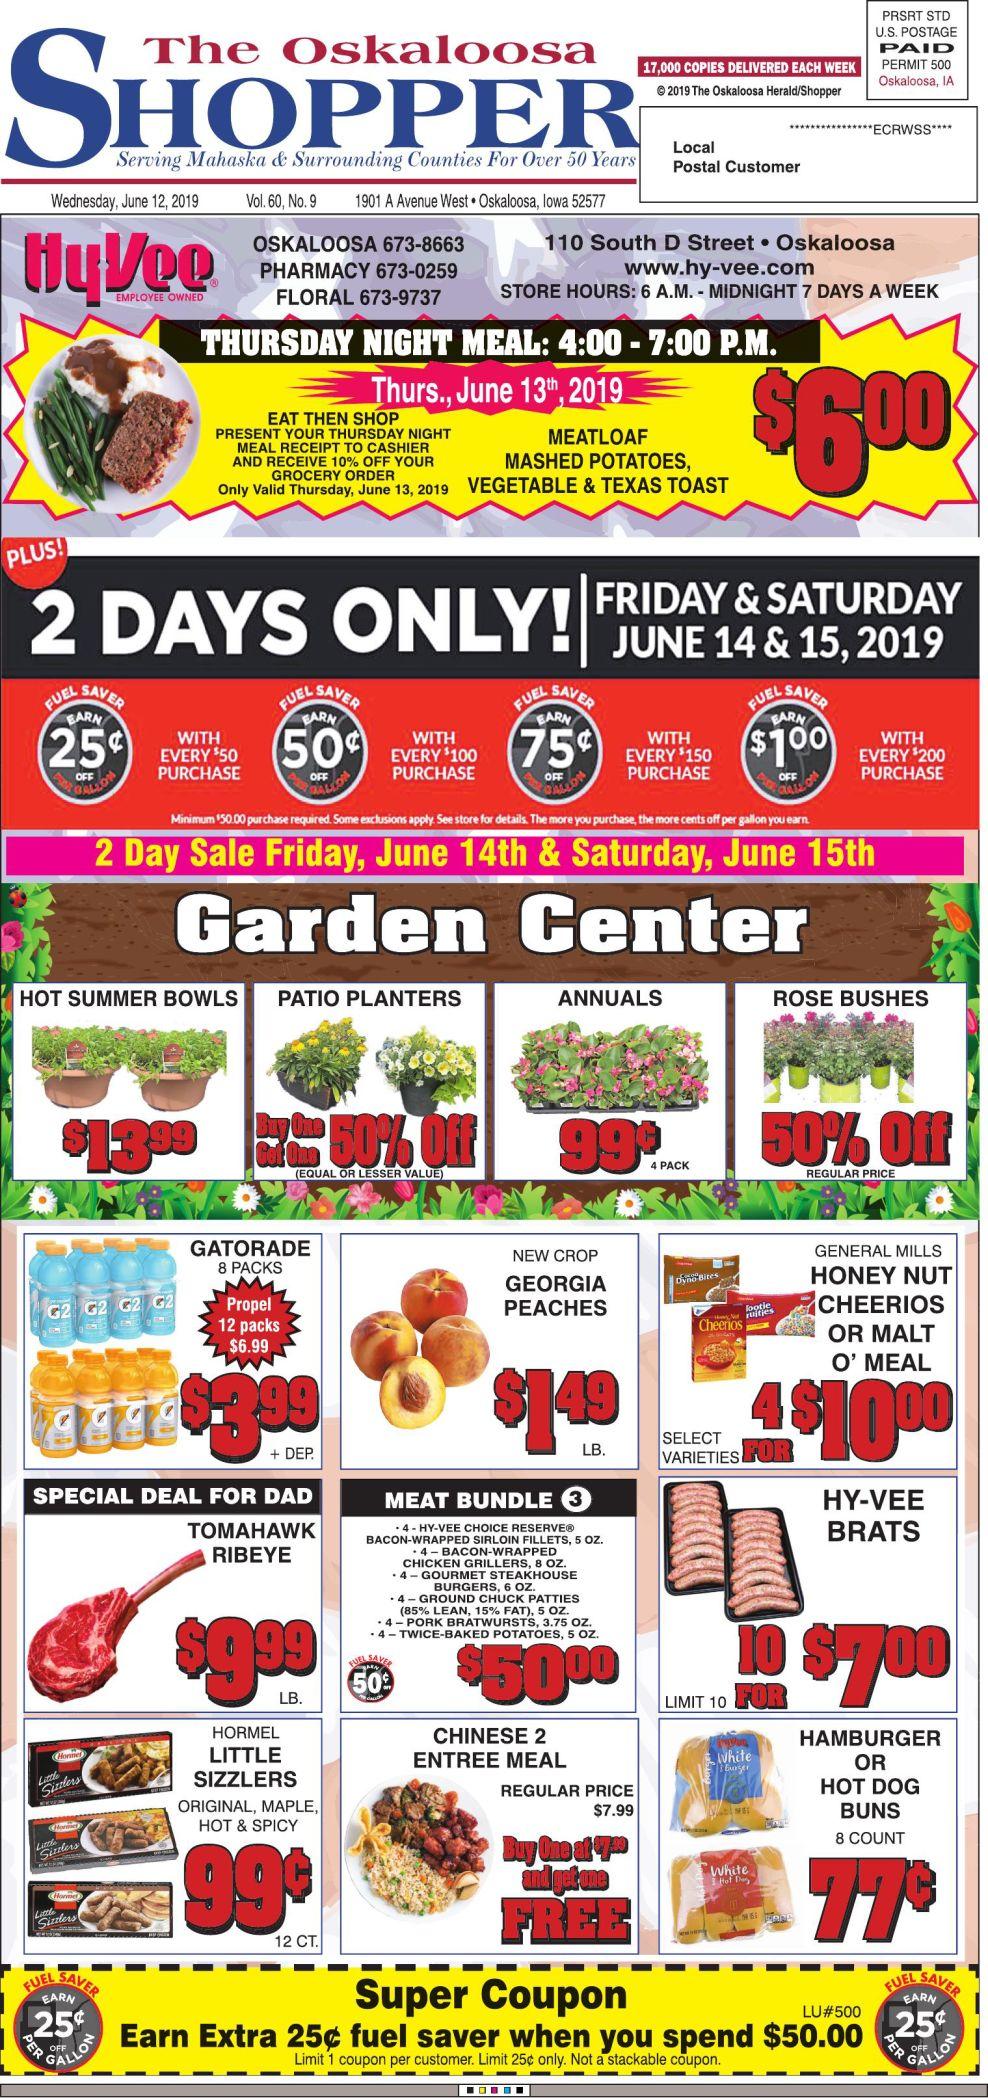 Oskaloosa Shopper week of 6/12/19